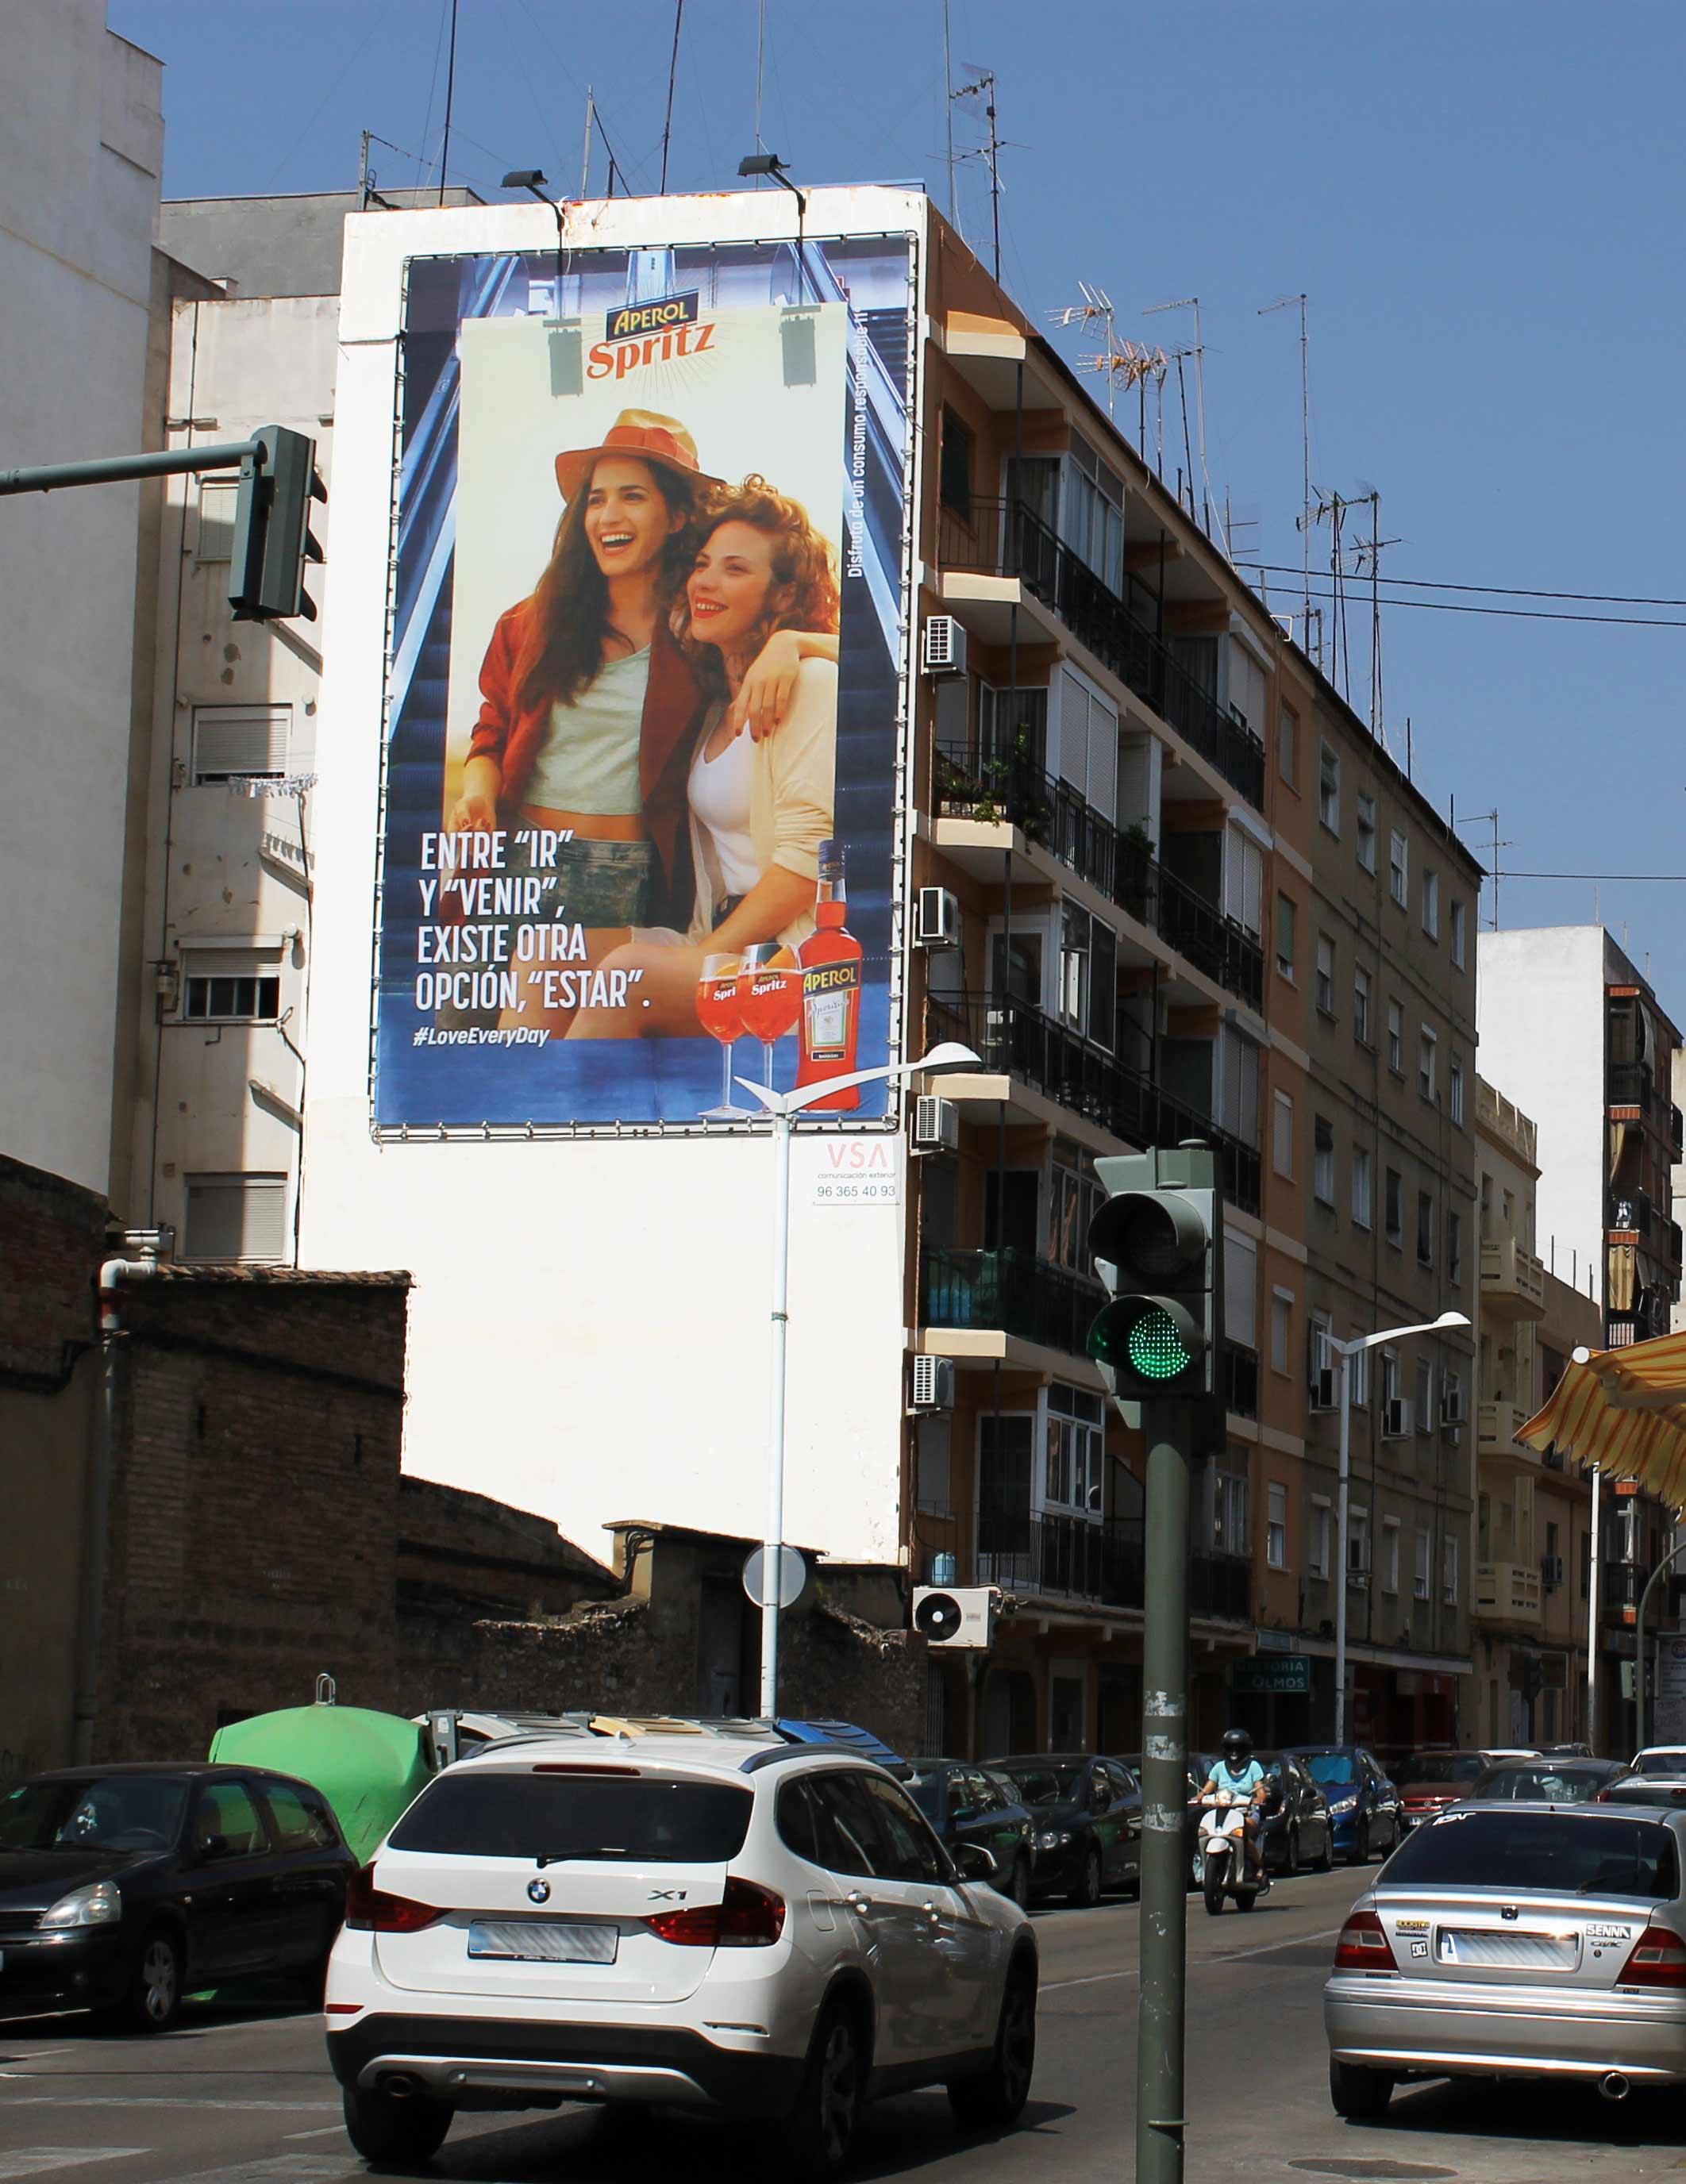 pym-medianera-publicidad-exterior-aperol-2-valencia-vsa-comunicacion